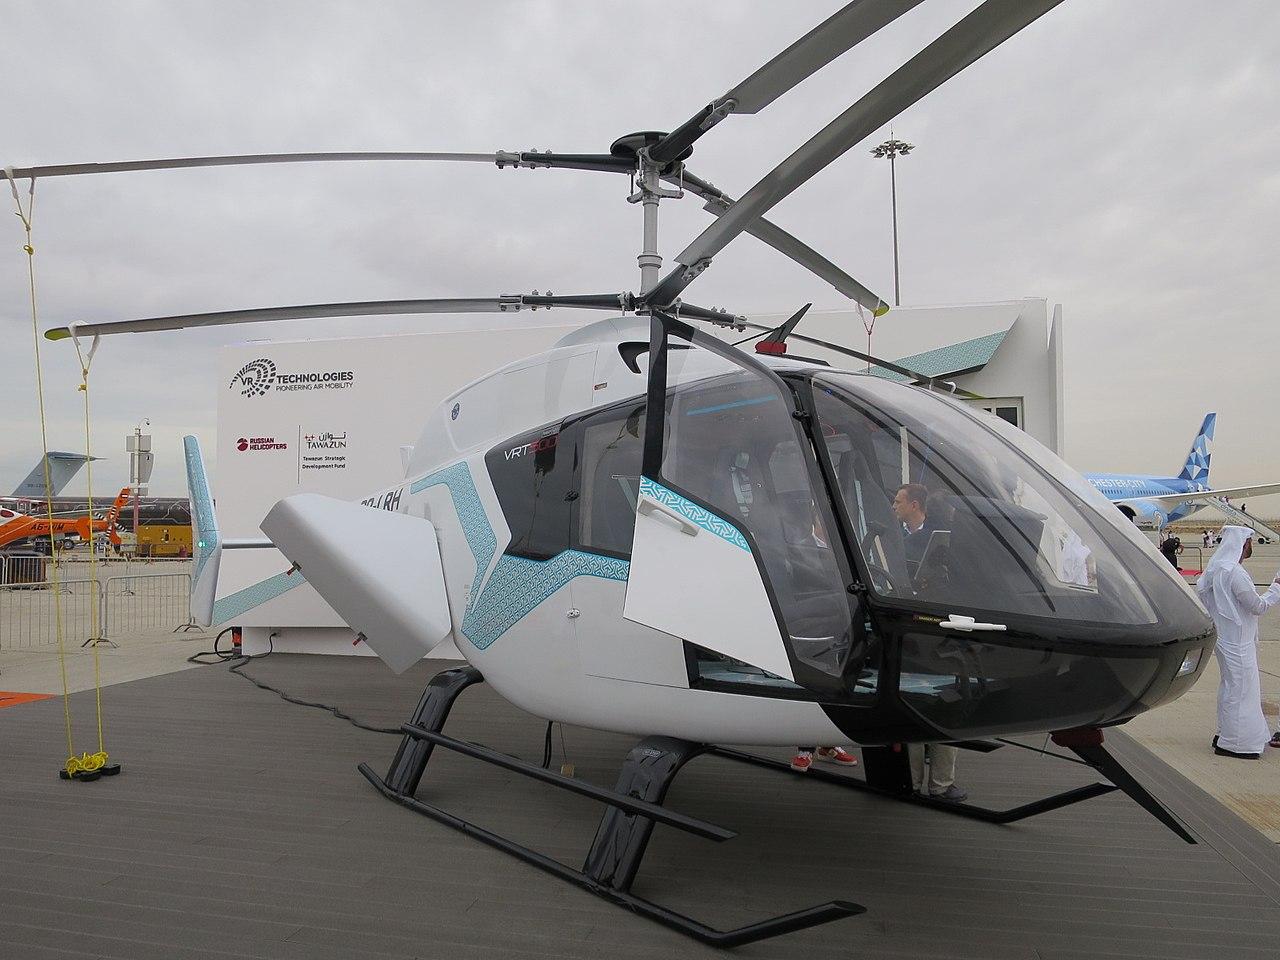 1280px-VRT_500_mockup_at_Dubai_Air_Show_